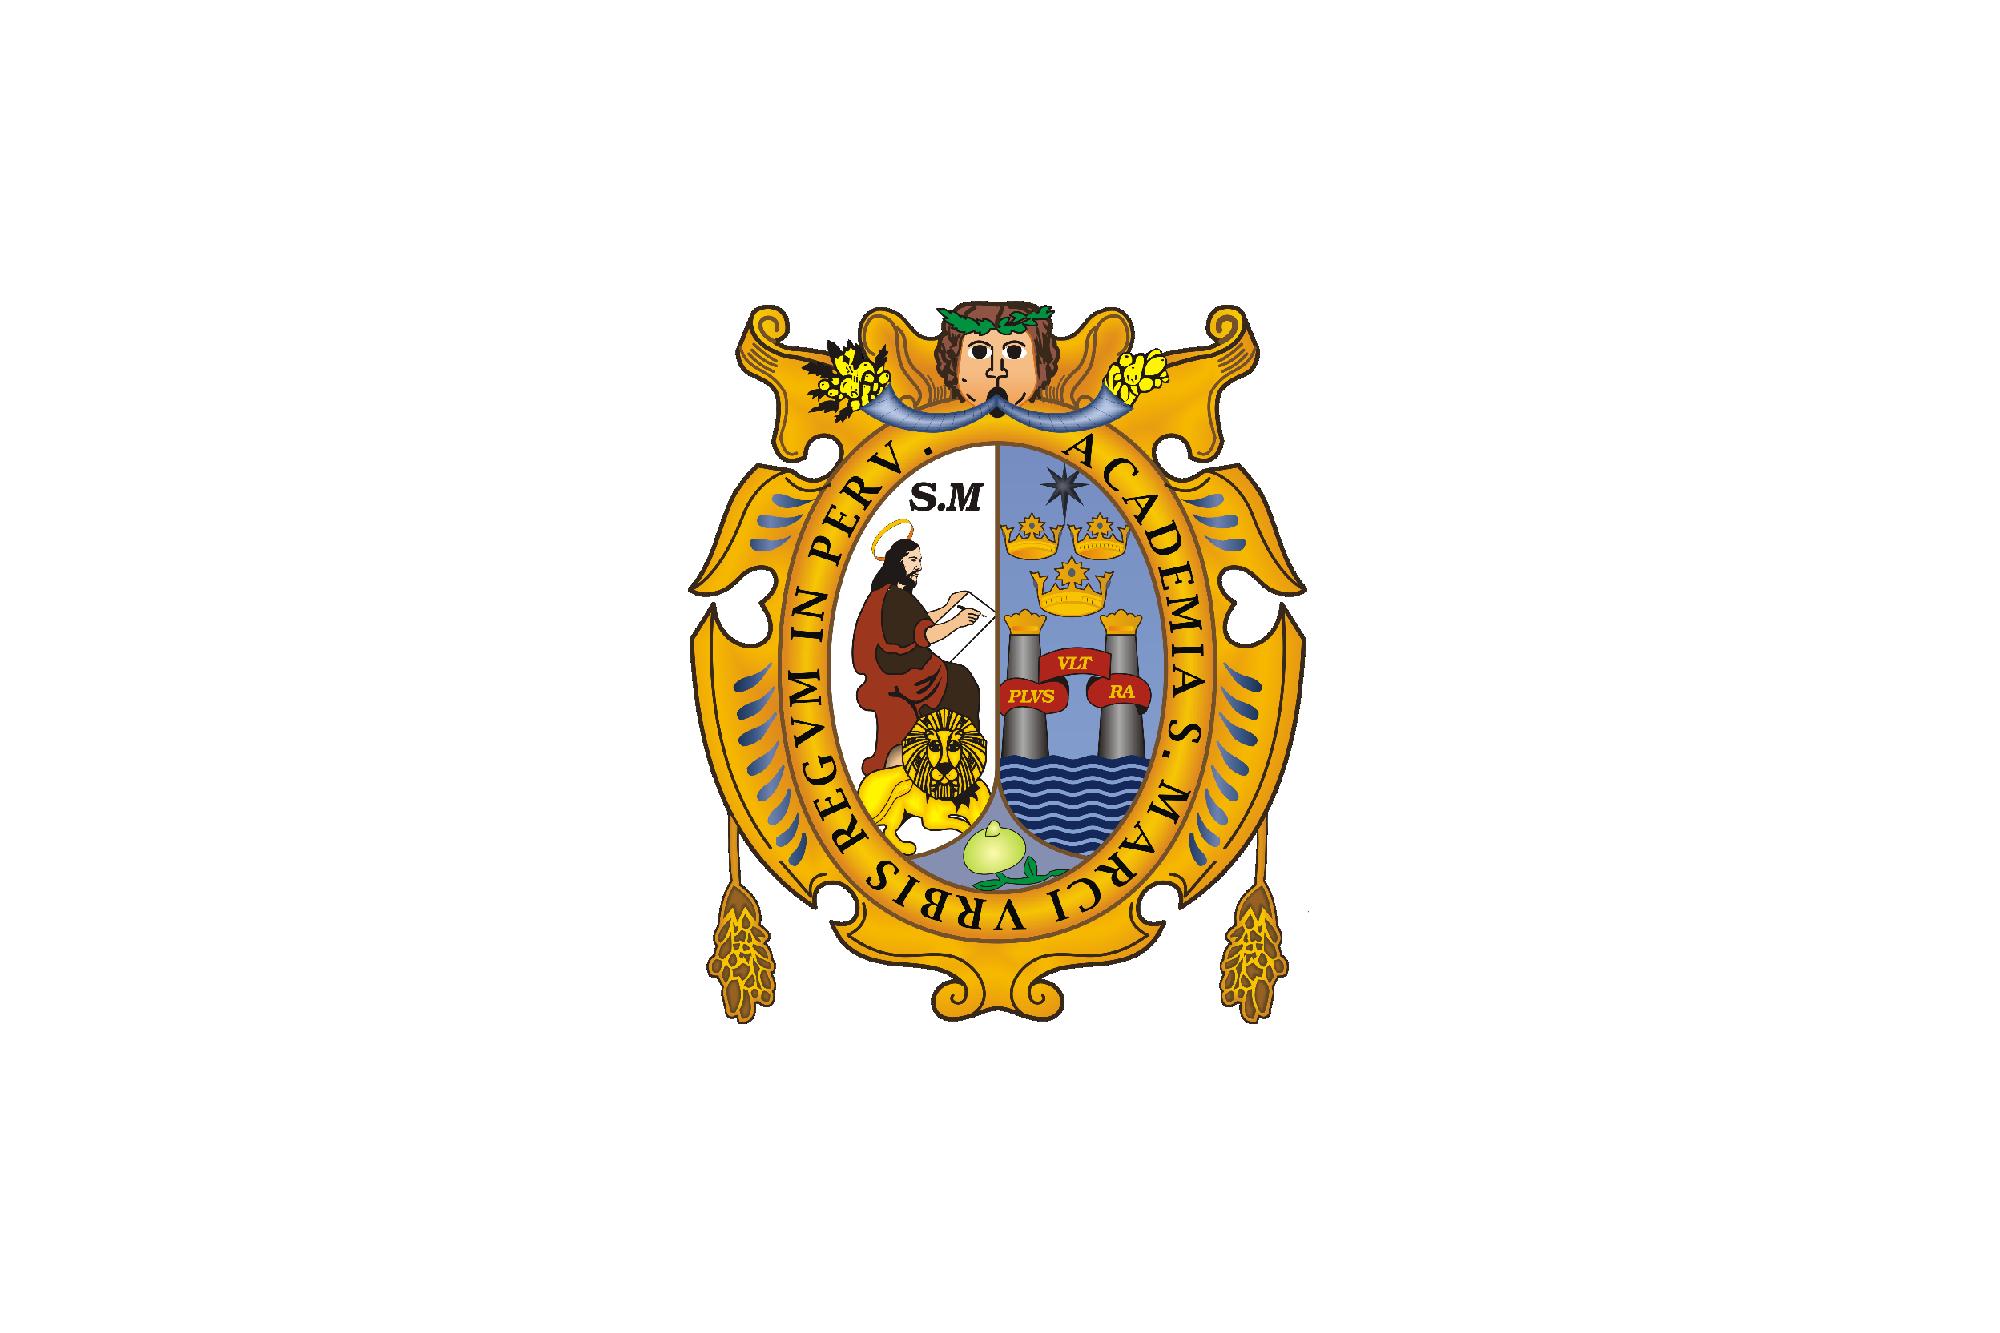 Símbolos de la Universidad Nacional Mayor de San Marcos - Wikiwand